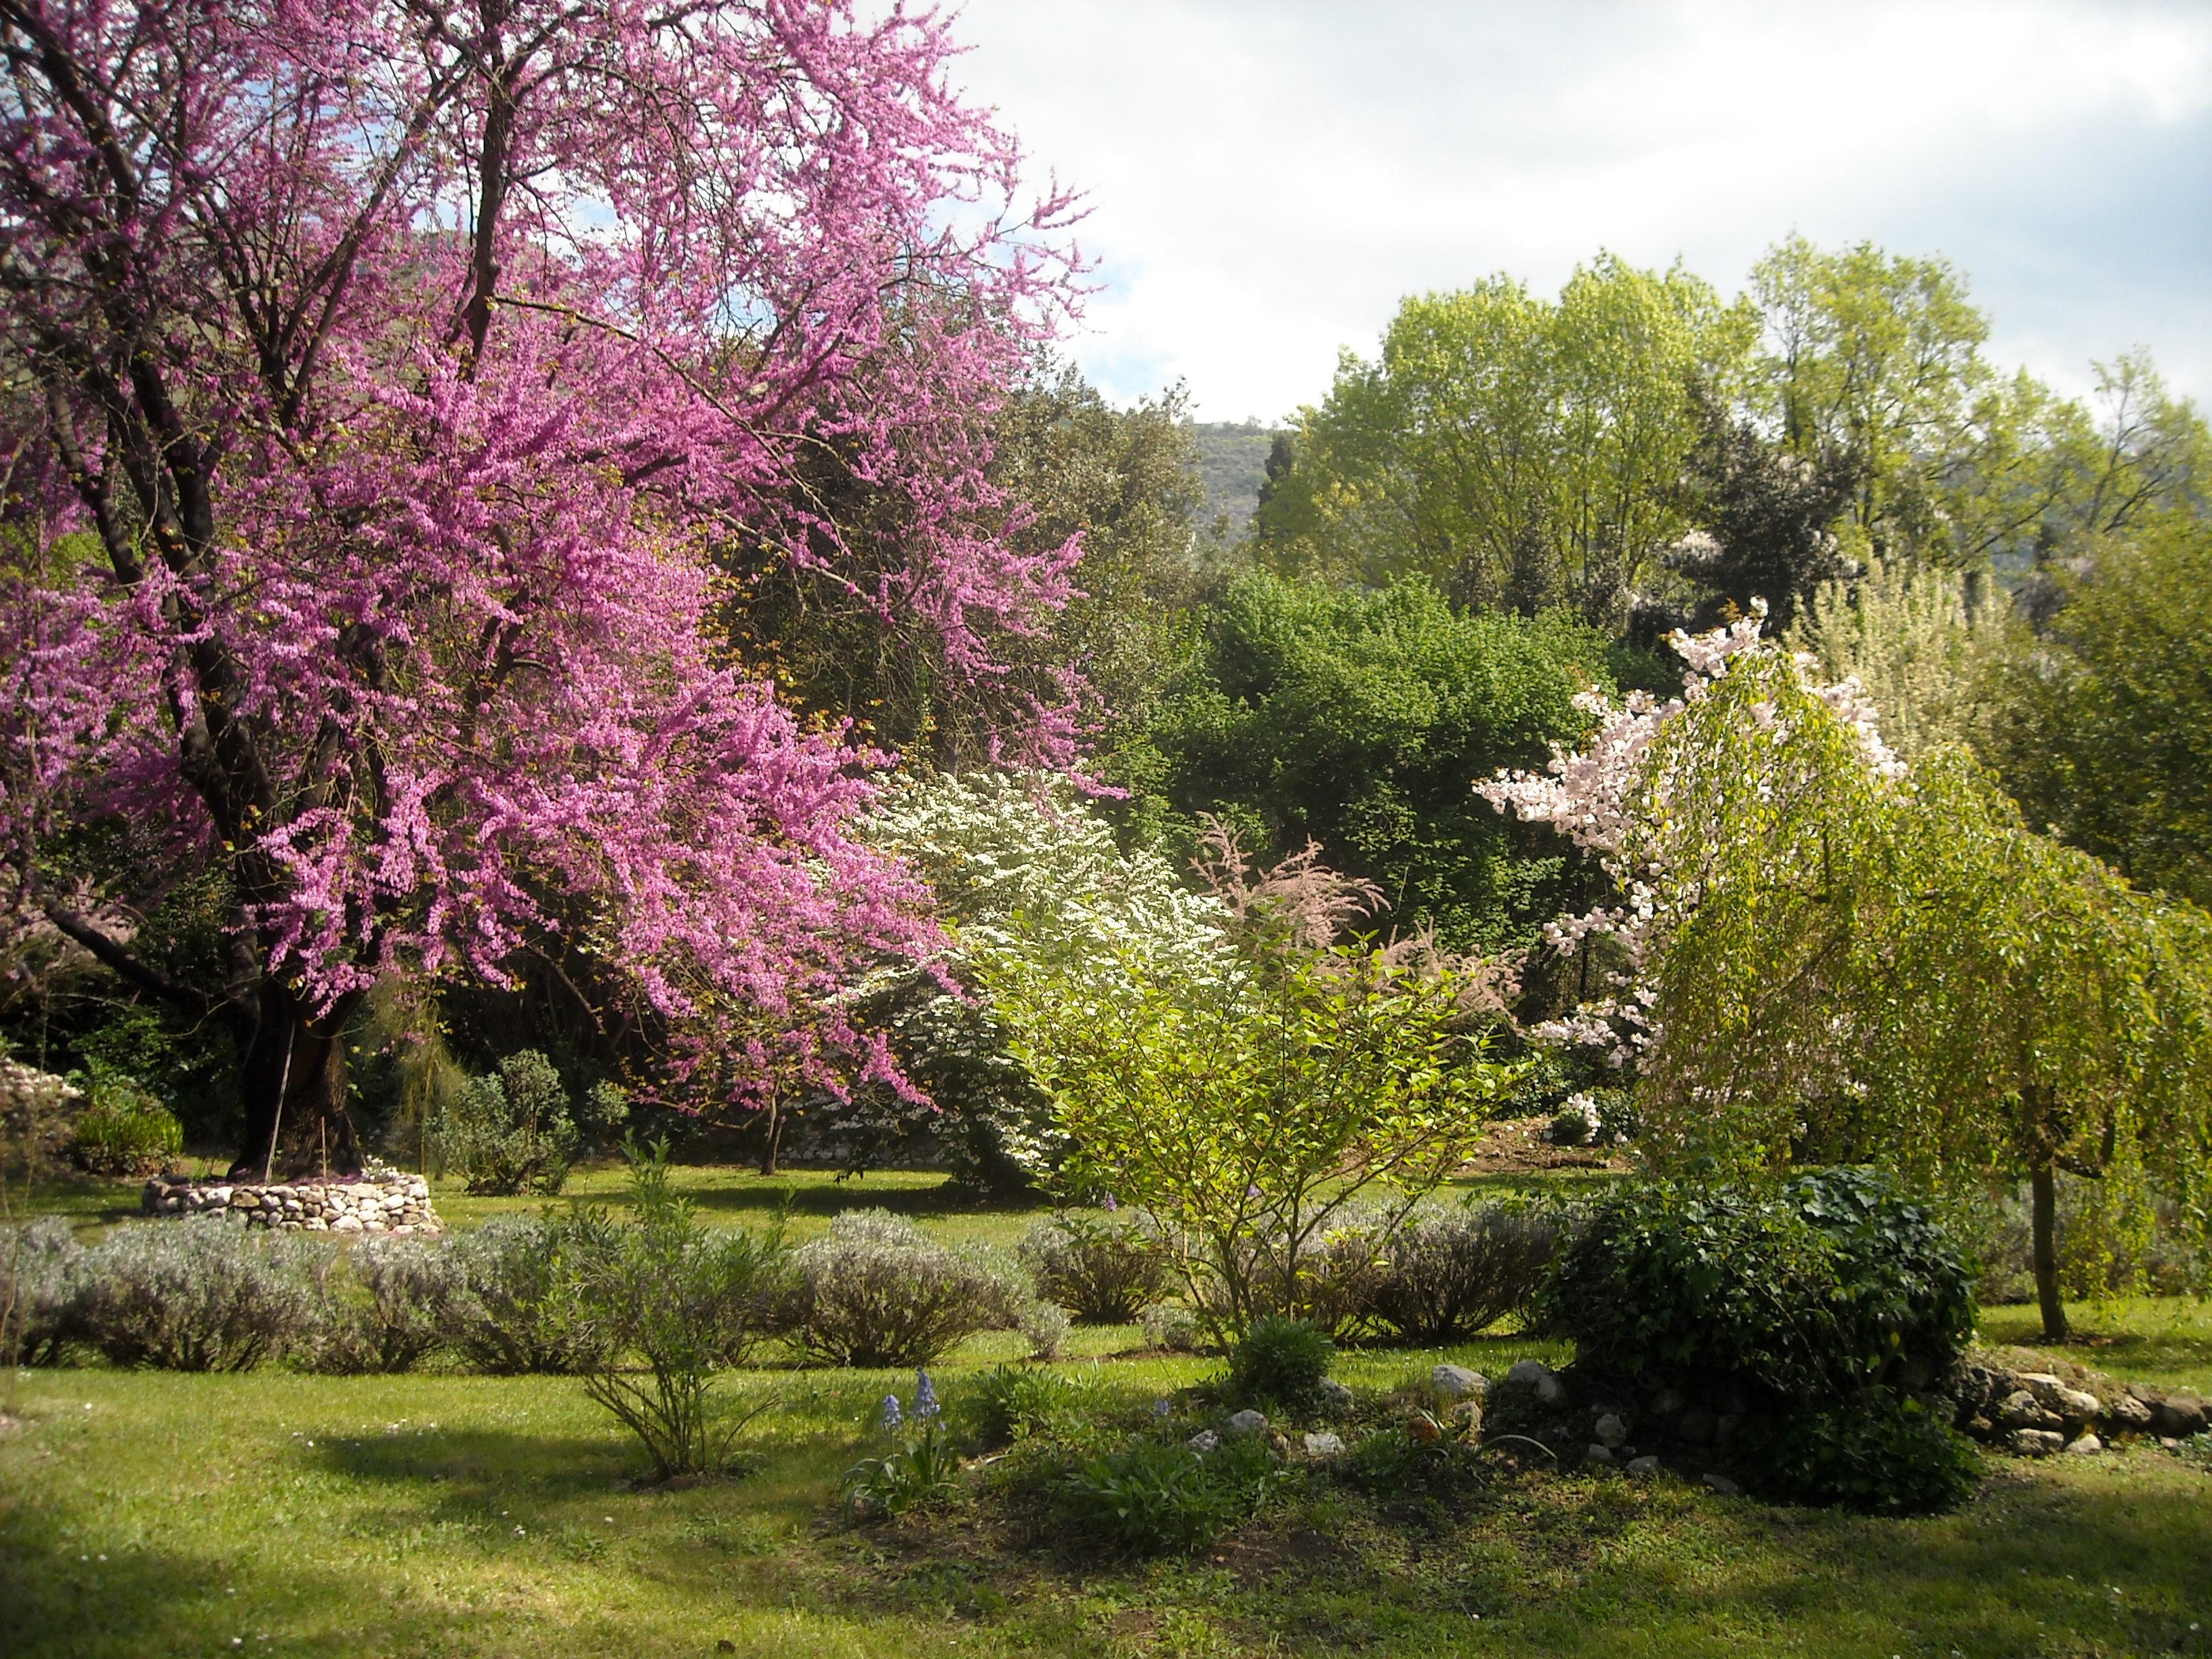 I giardini di ninfa e sermoneta associazione la castellina for Mangiare vicino al giardino di ninfa